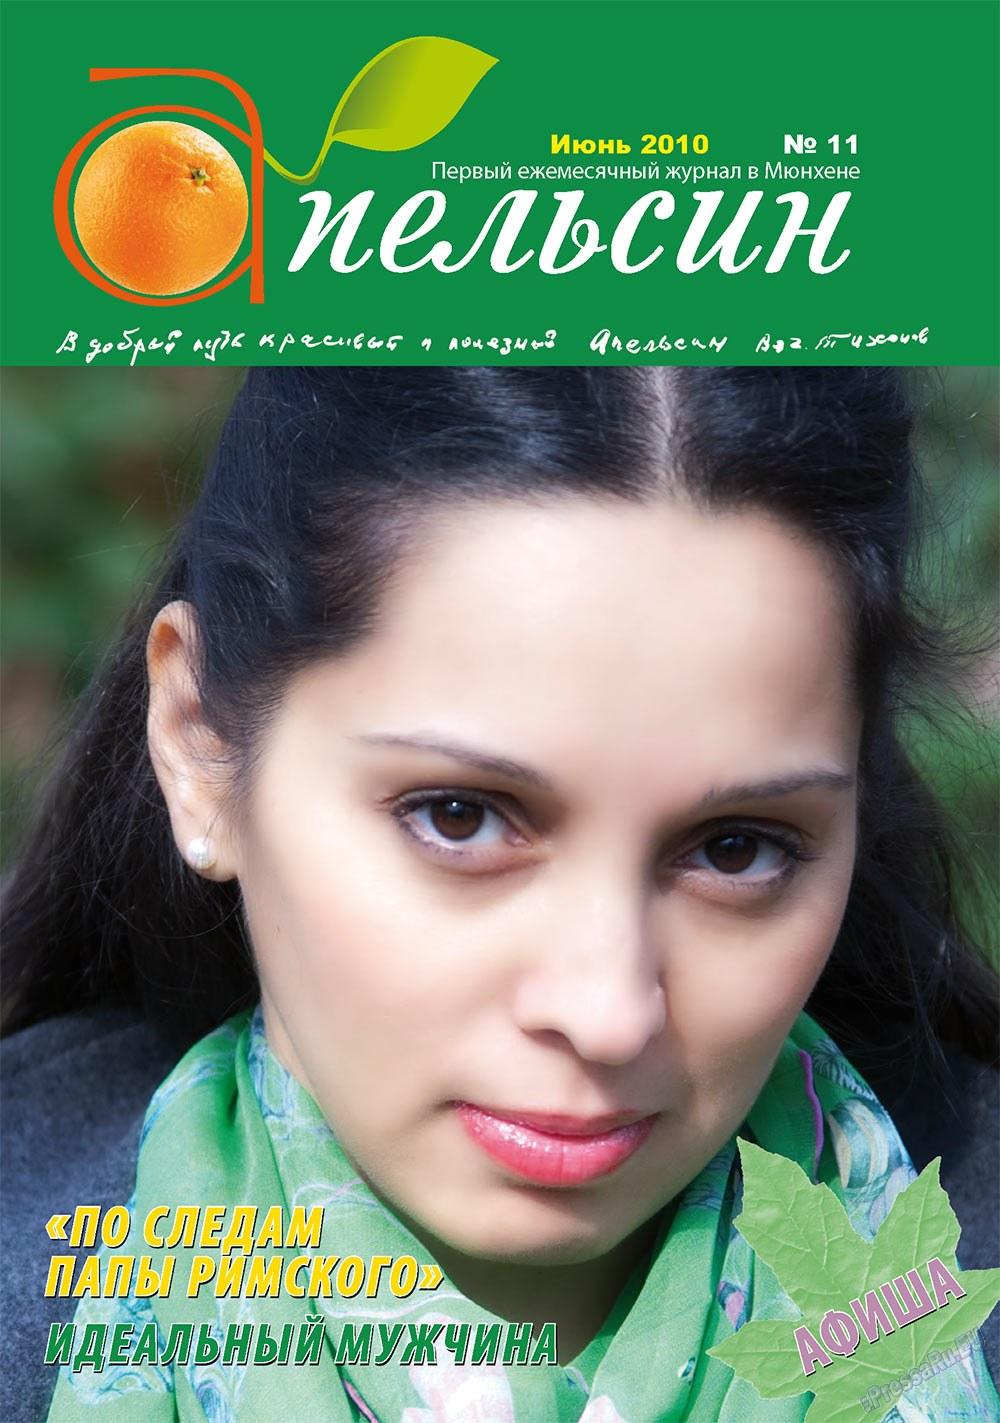 Апельсин (журнал). 2010 год, номер 11, стр. 1